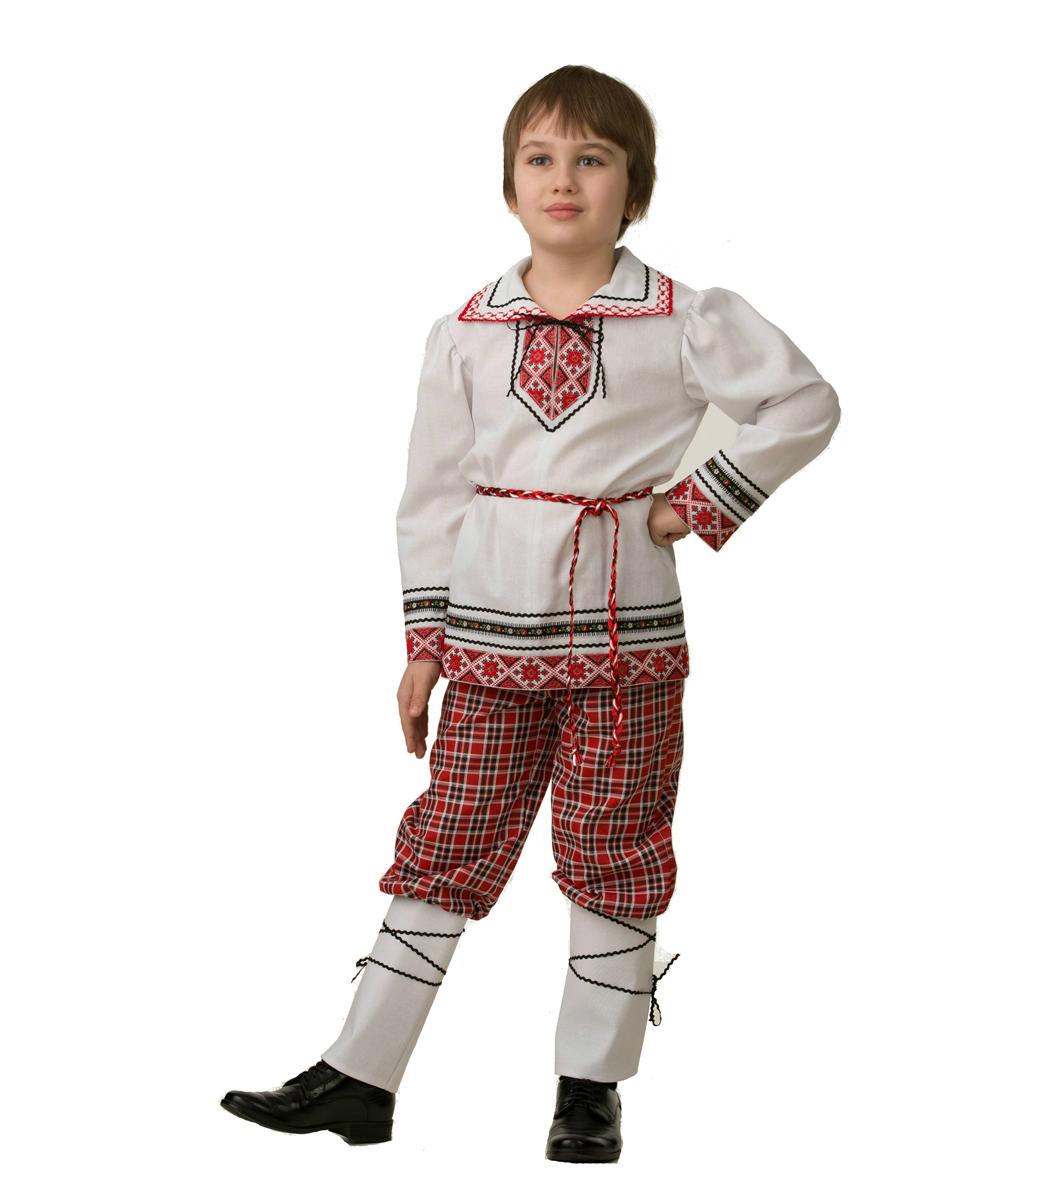 Батик Костюм карнавальный для мальчика Национальный костюм Рубашка Вышиванка размер 34 батик костюм карнавальный для мальчика римский воин размер 38